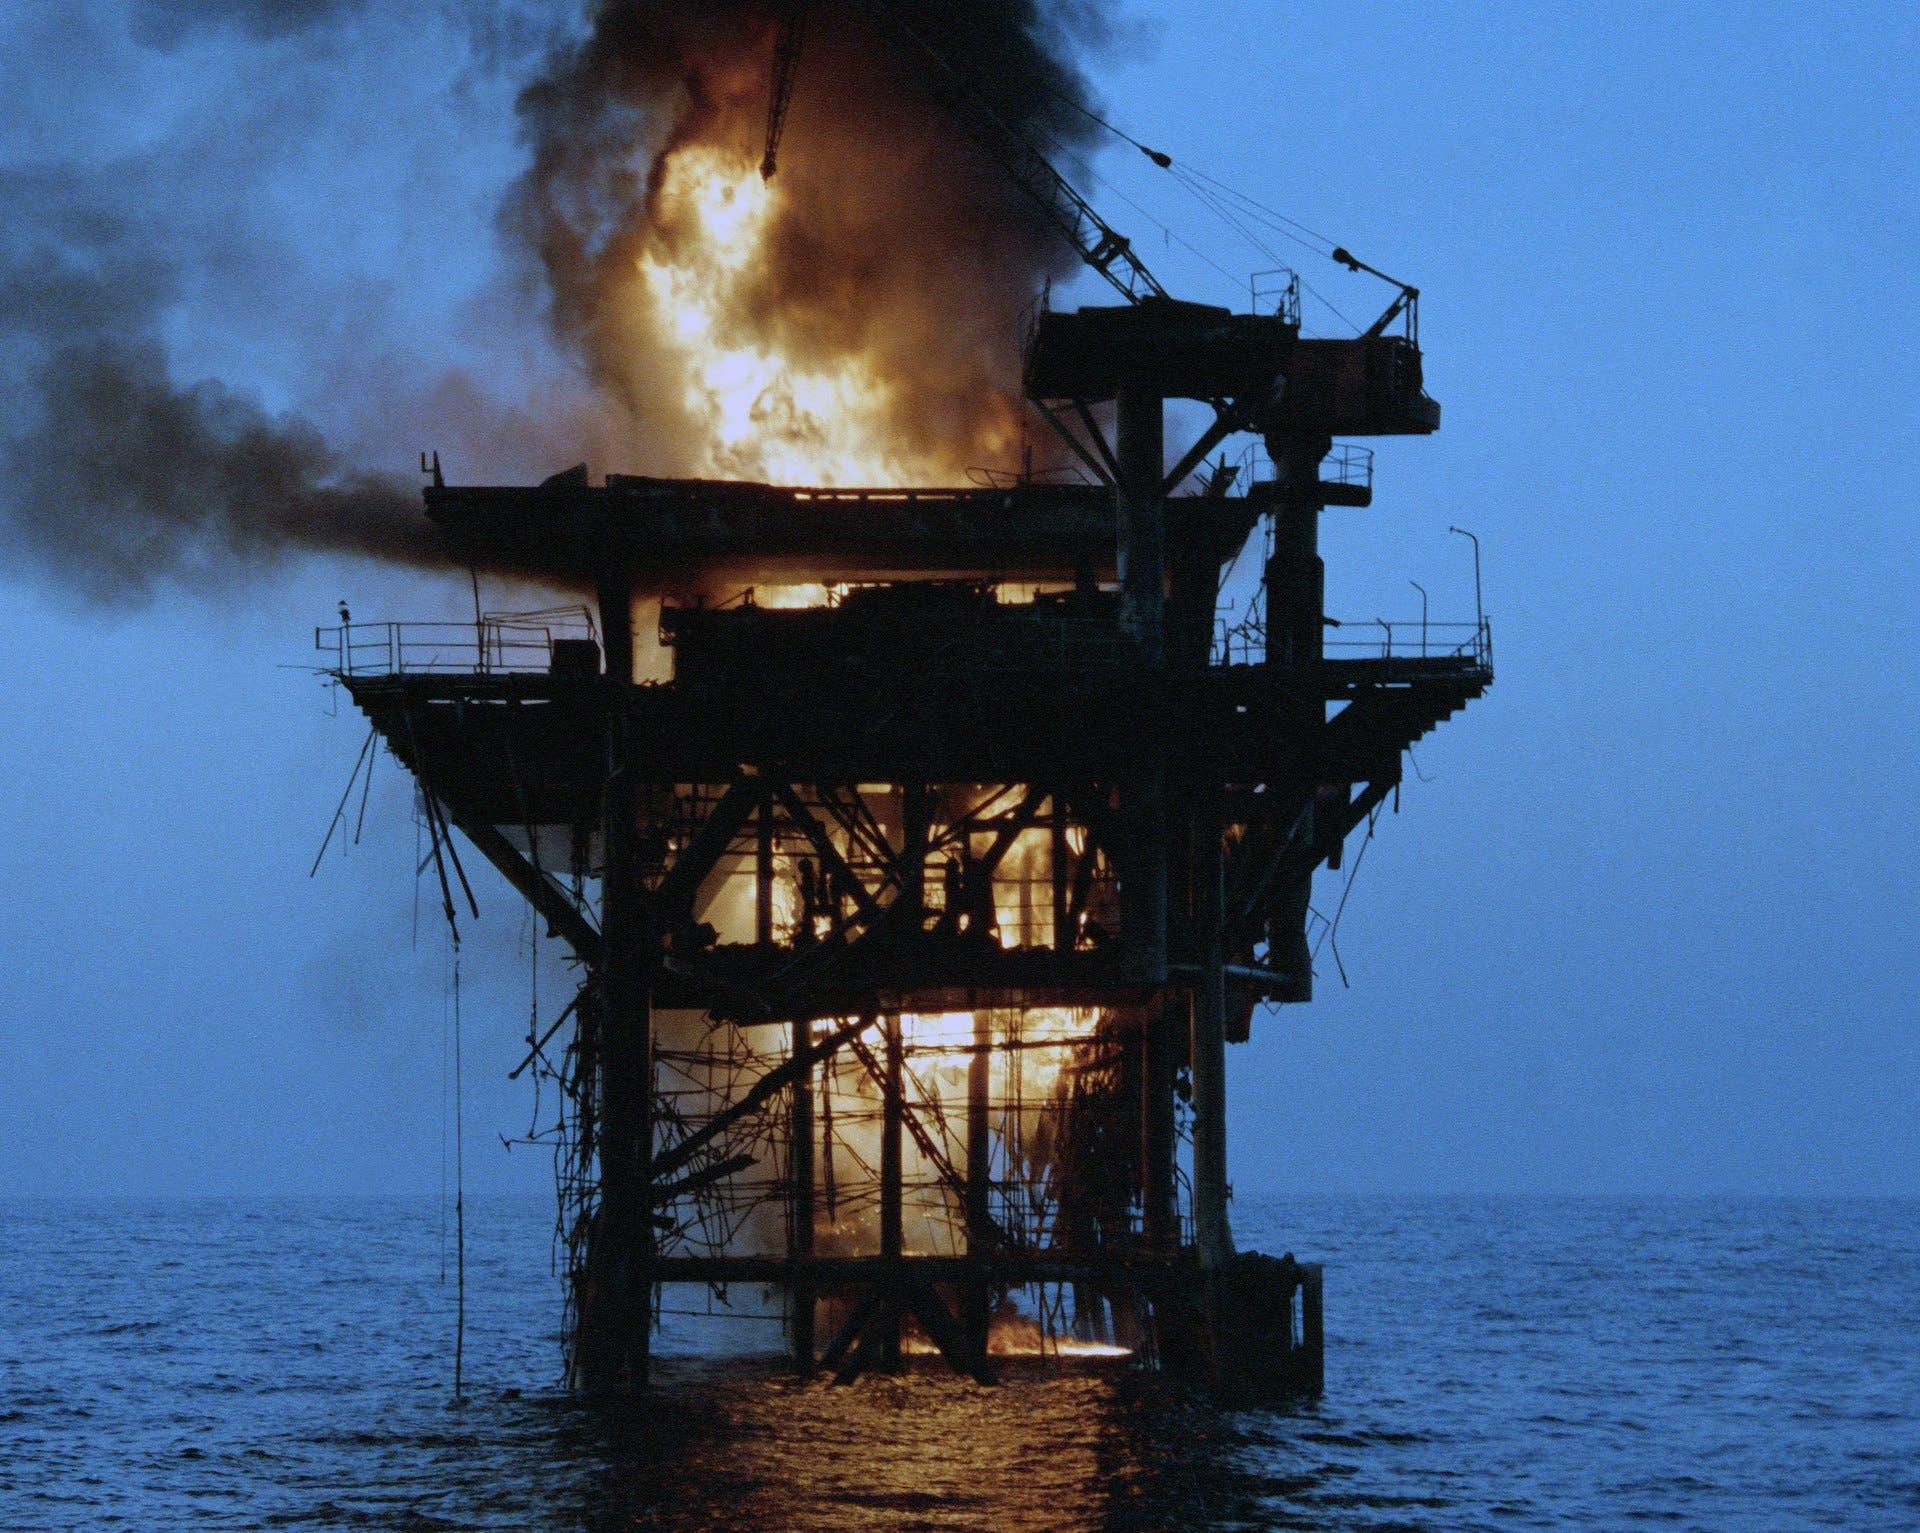 تدمير حقل رستم النفطي من قبل القوات الأميركية ابان حرب الناقلات